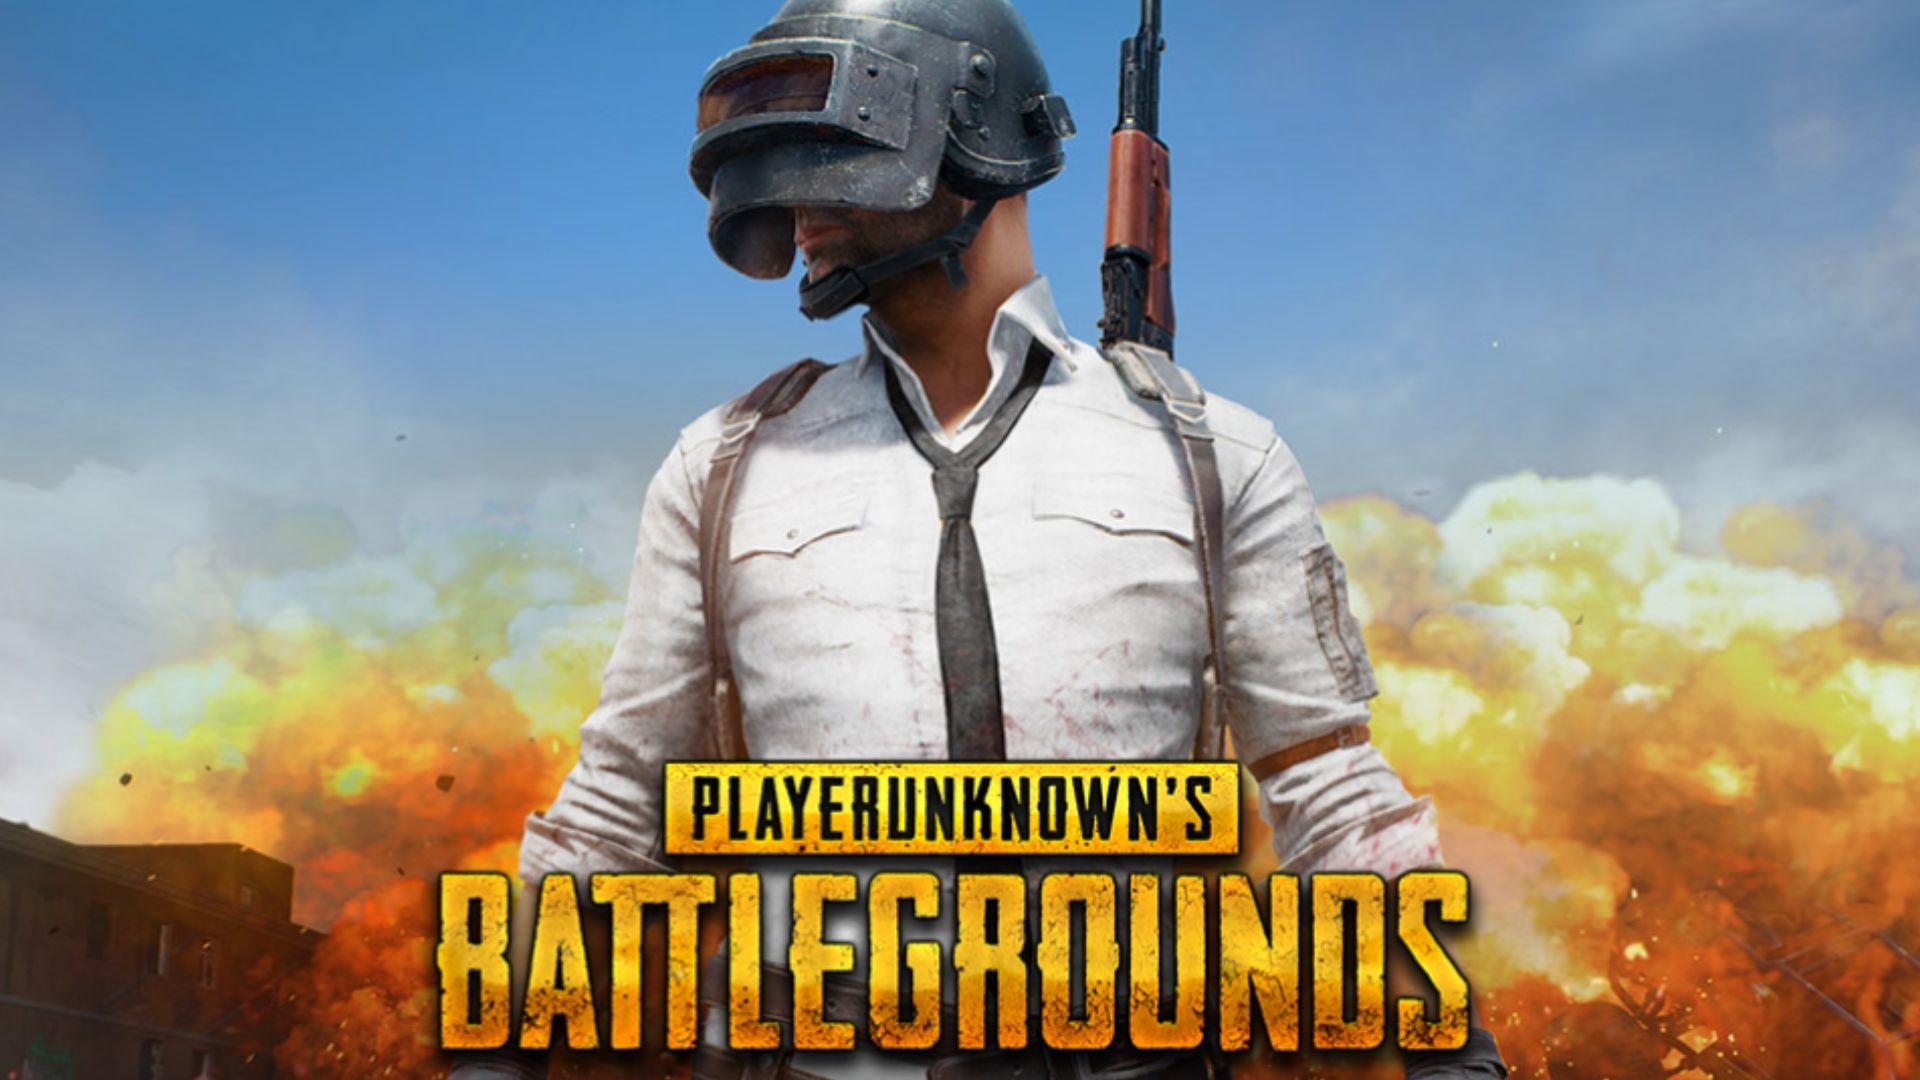 PlayerUknown's Schlachtfelder